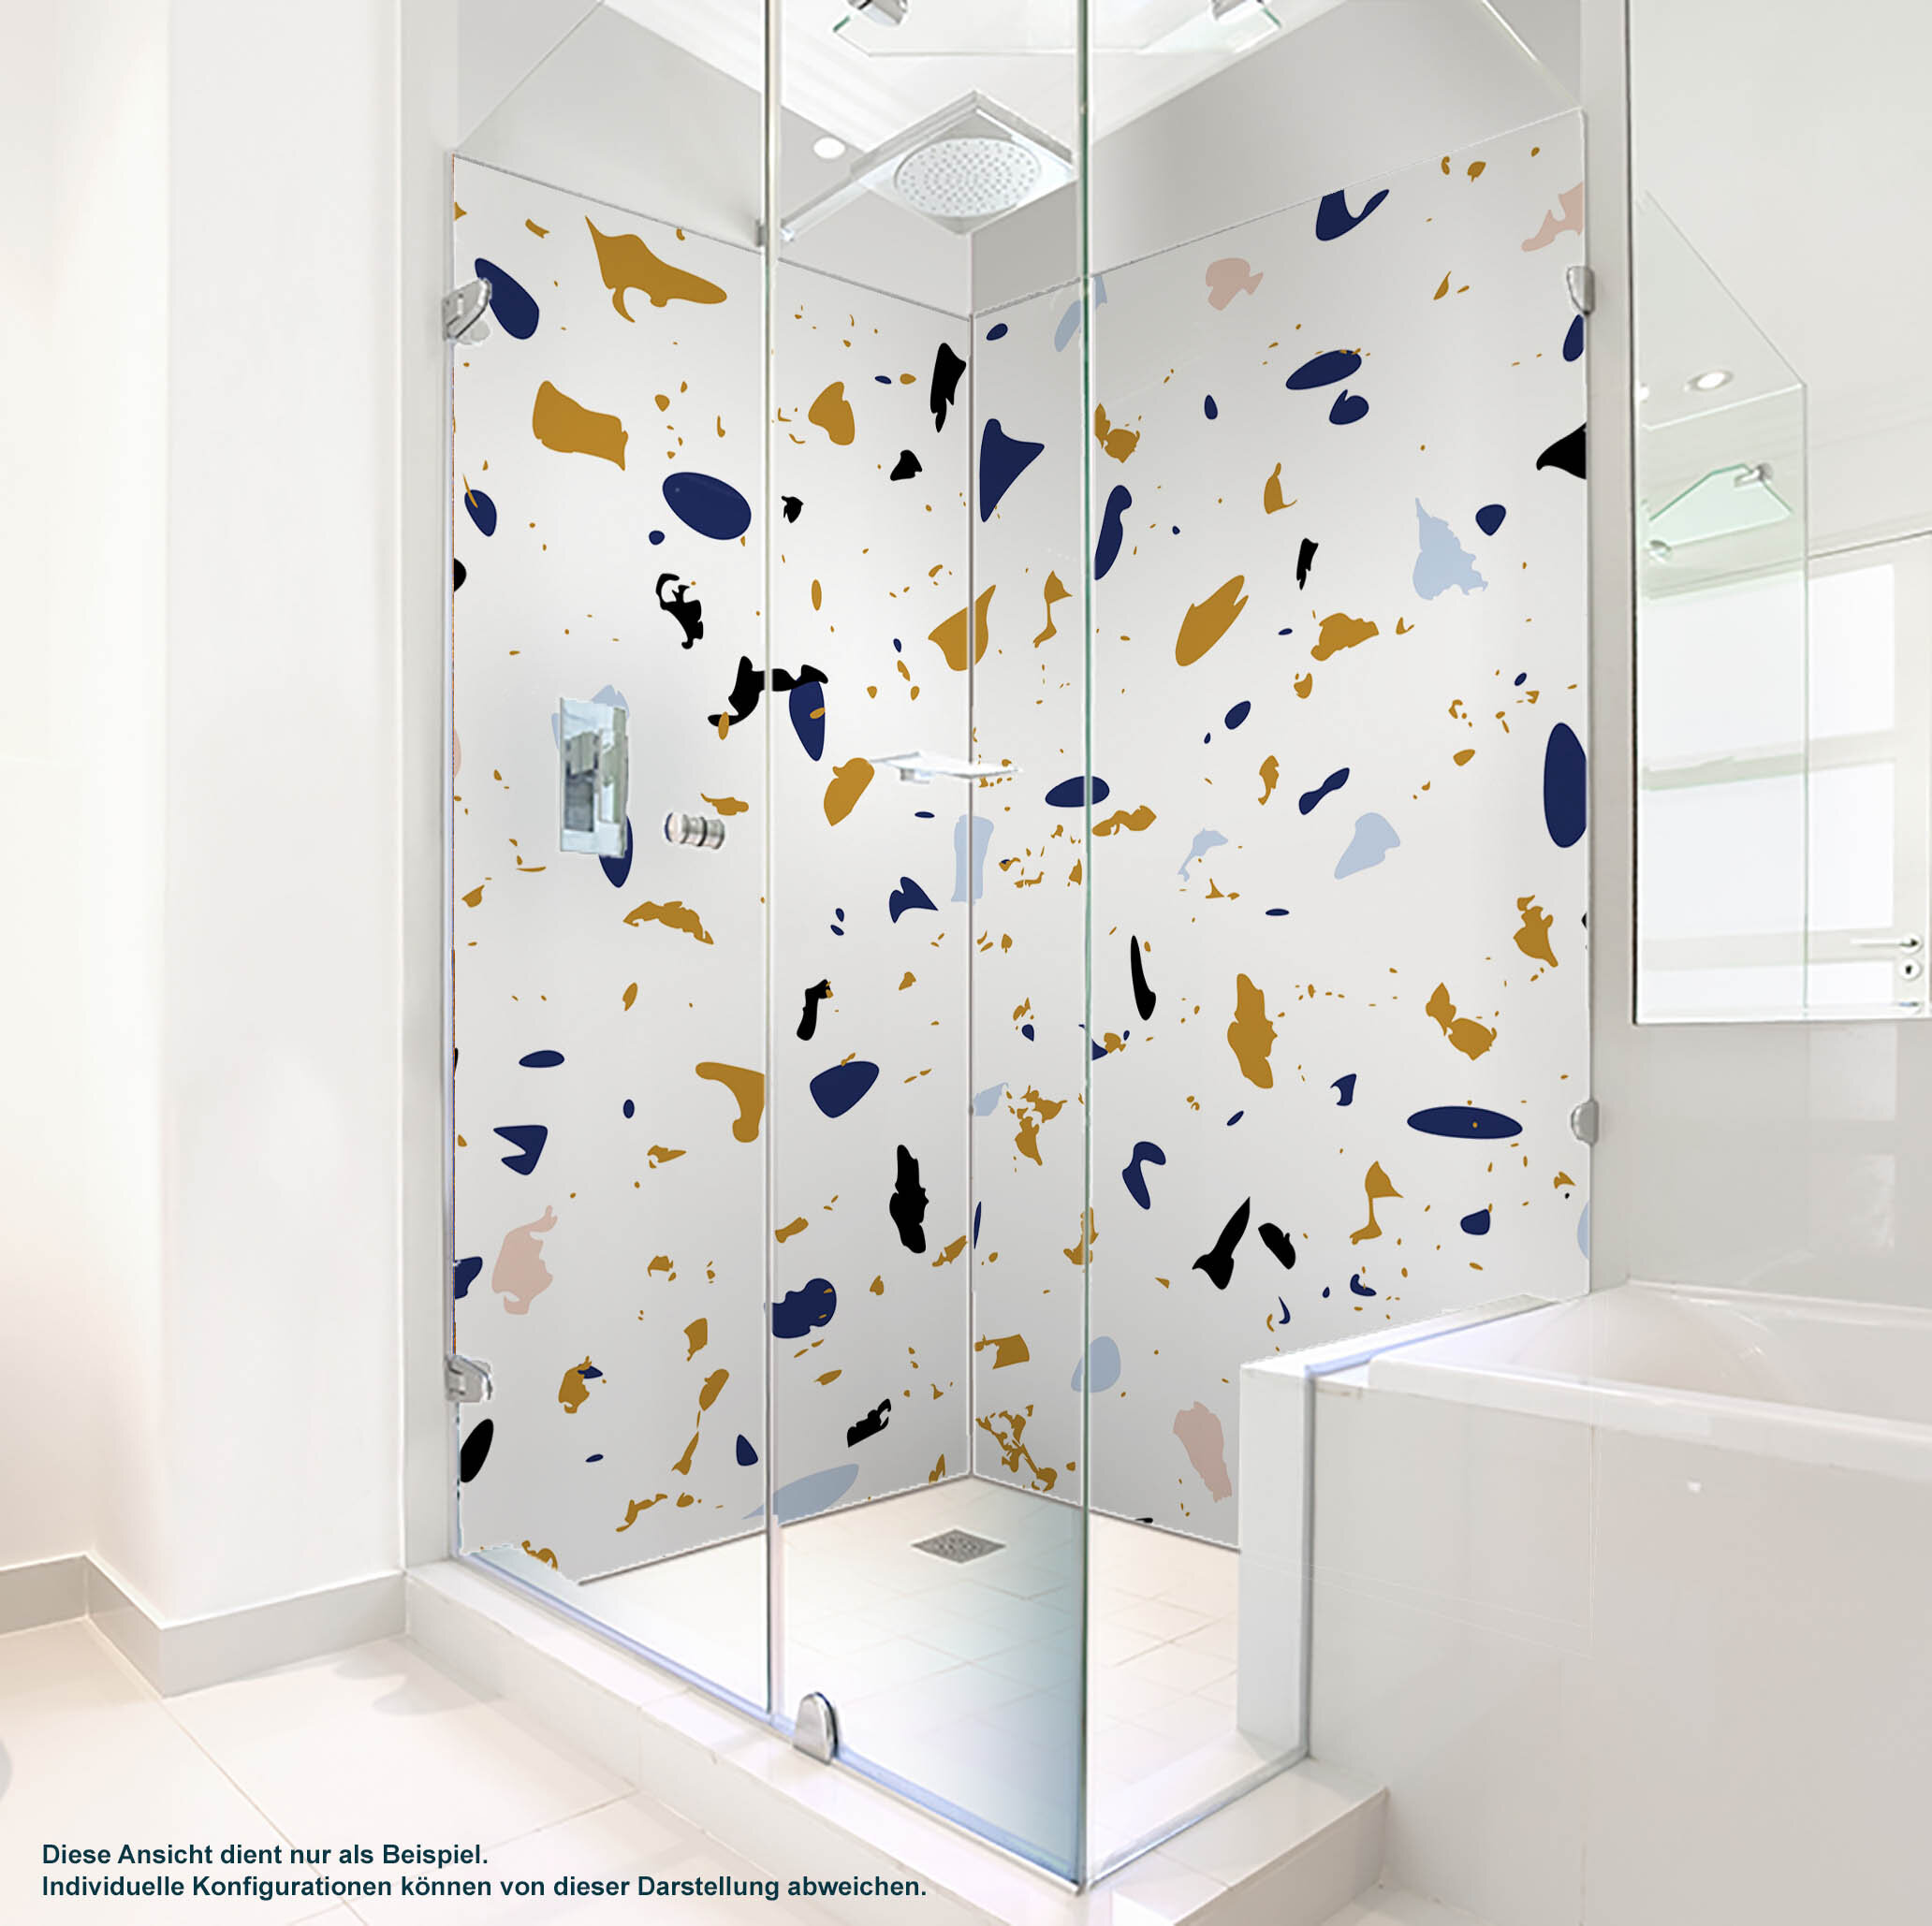 Dusche PlateART Duschrückwand mit Motiv Farben